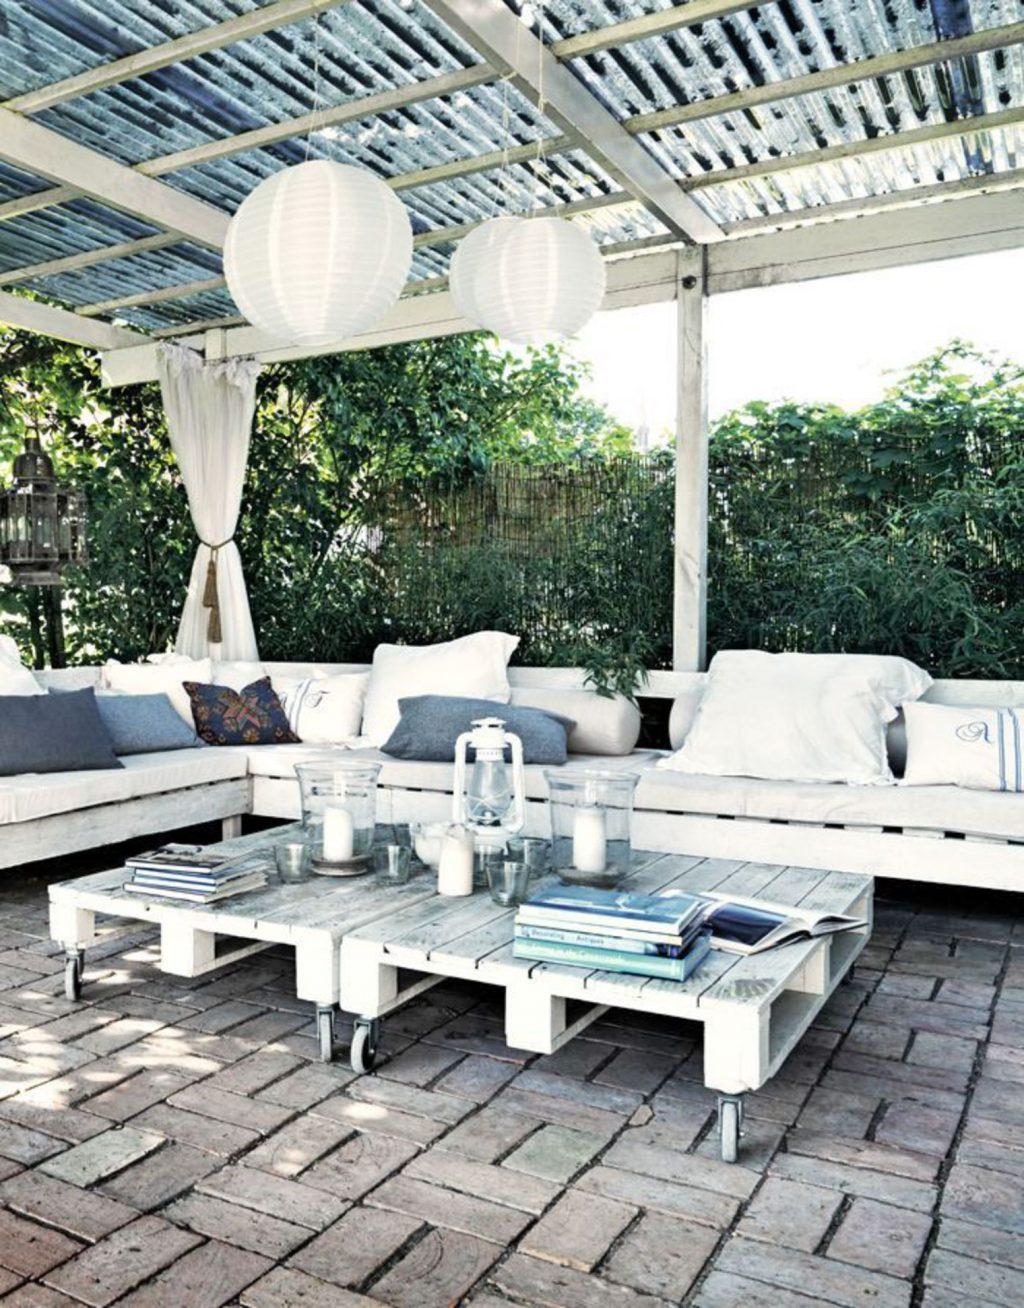 fabriquer salon jardin collection palette bois images hesperide meuble coussin canape terrasse banc fauteuil table banquette pour une meubles palettes mobilier exterieur 1024x1308